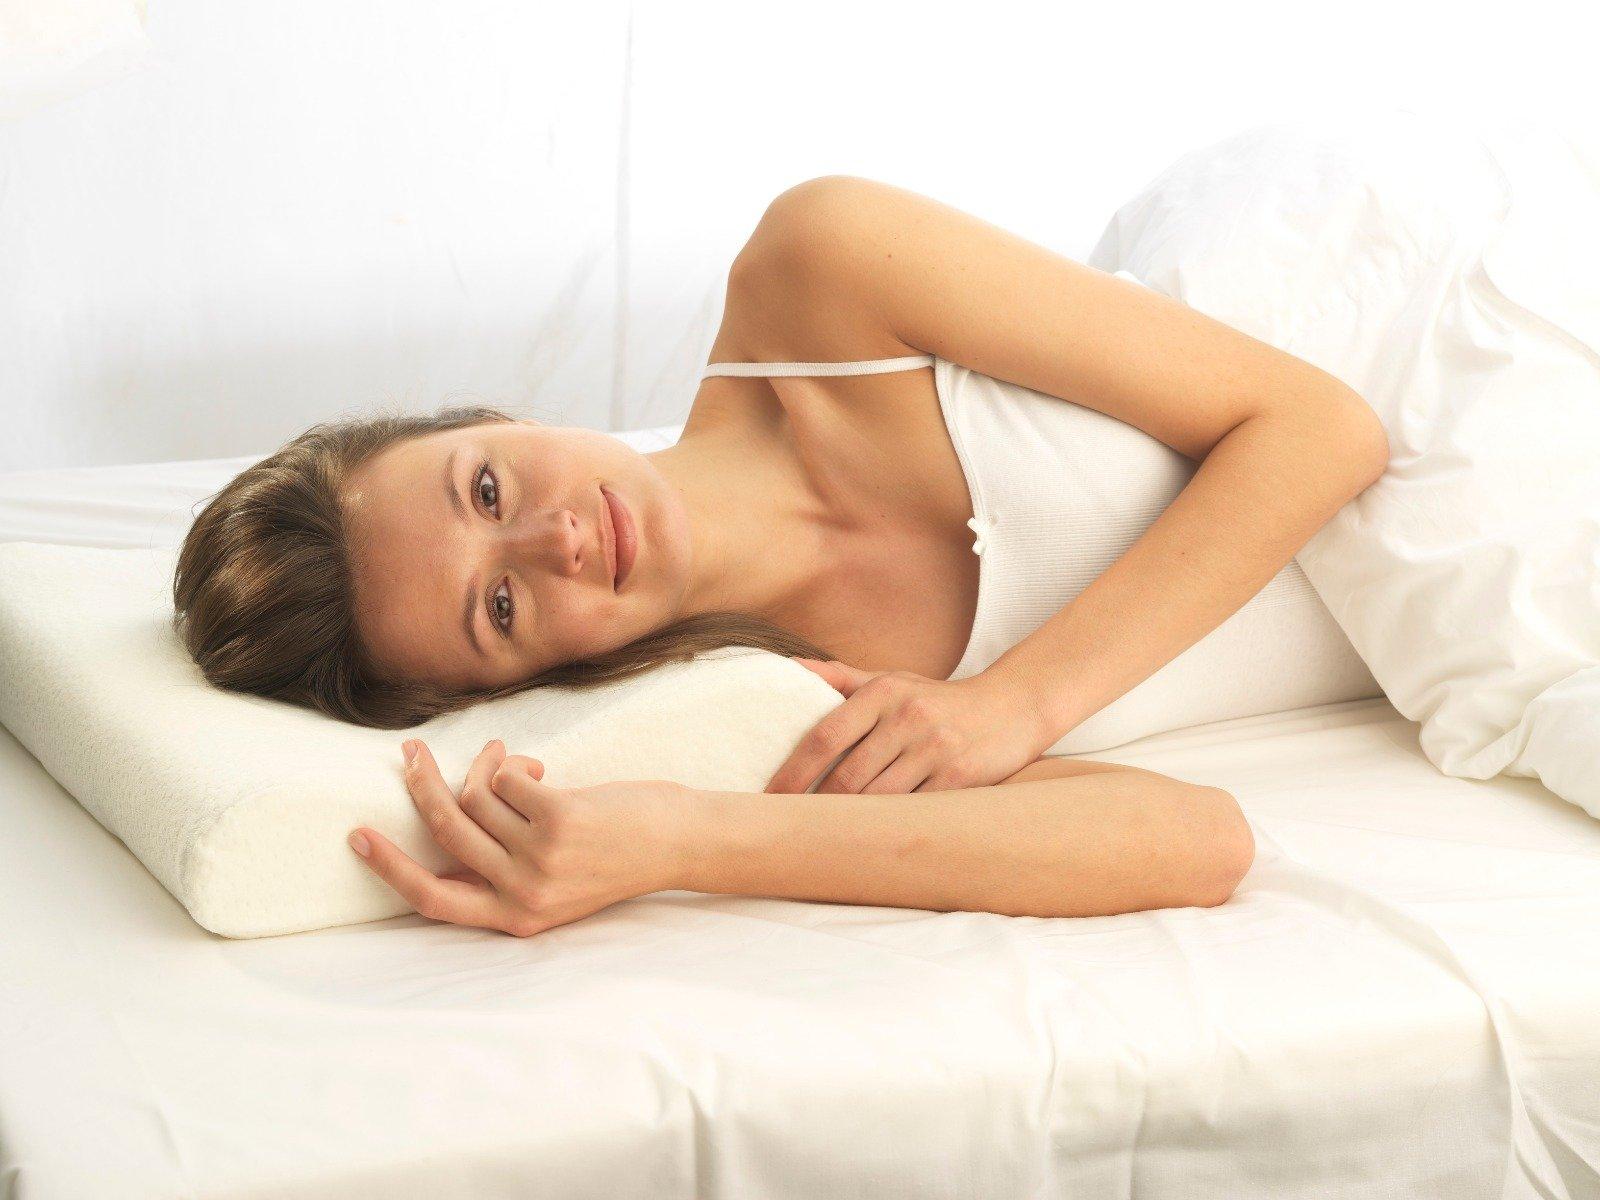 האחת והיחידה: התנוחה הבריאה ביותר לשינה - תמונה מספר 1